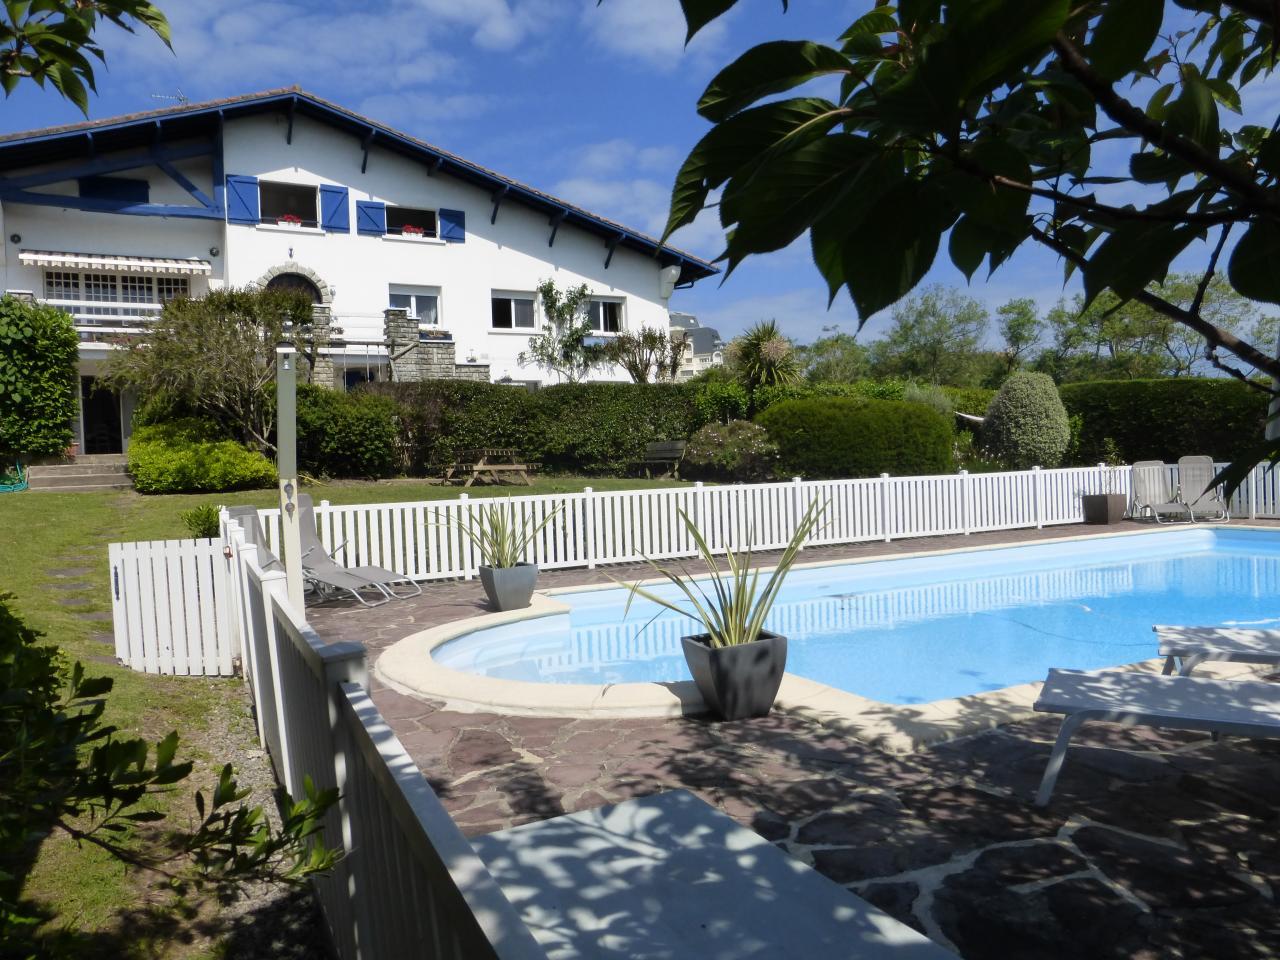 location maison avec piscine pour 4 personnes